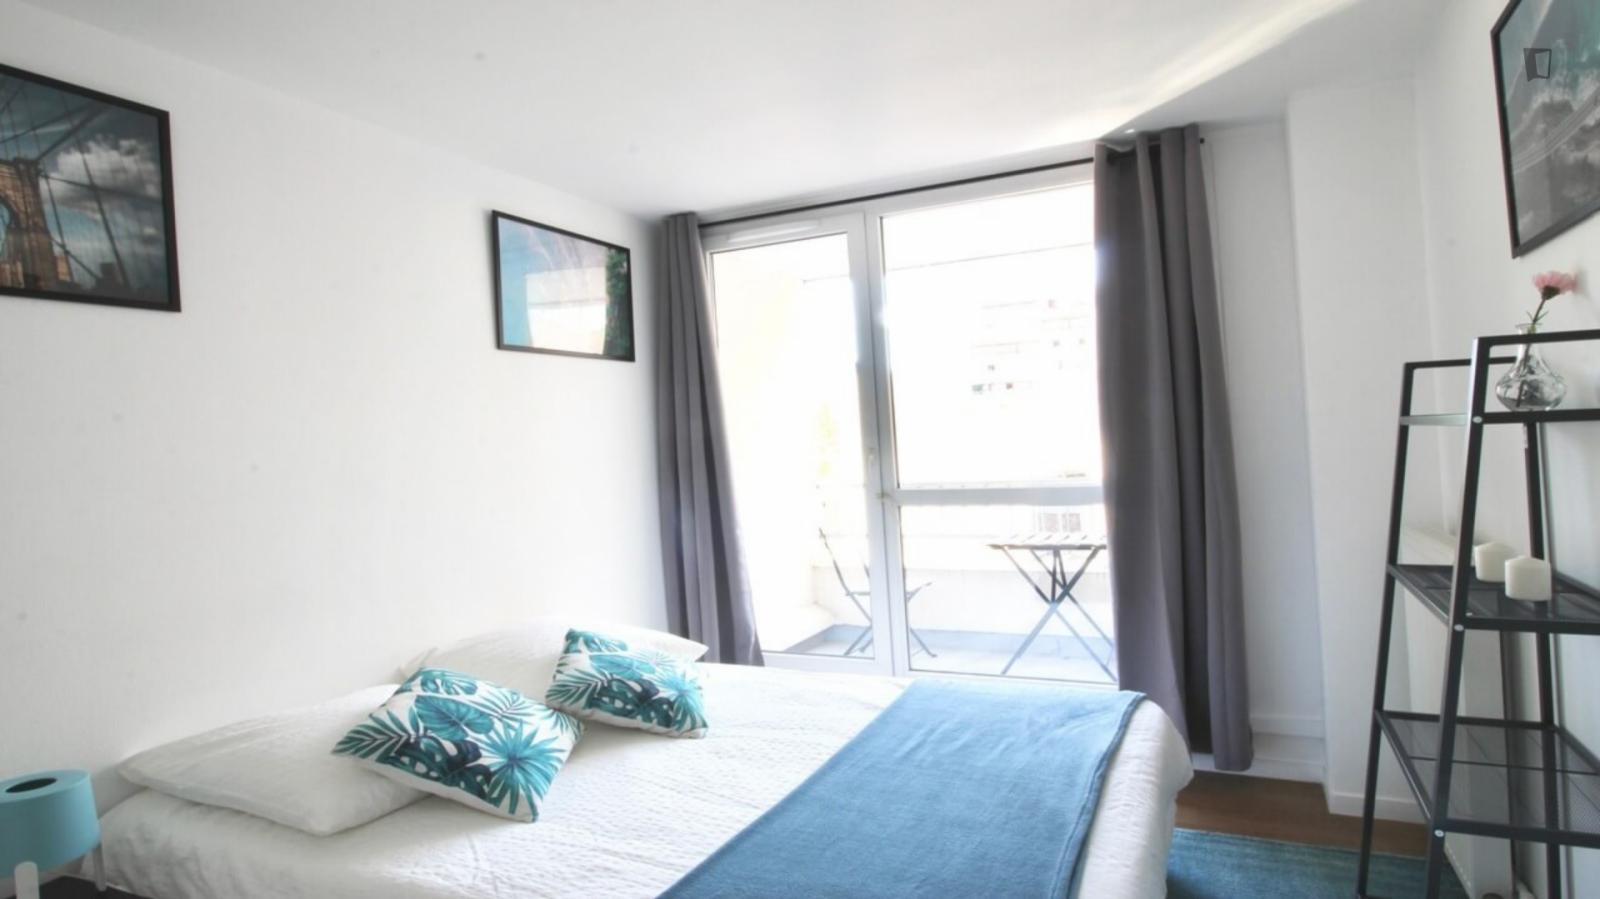 Rue Salvador Allende, Nanterre, FR-92 - 650 EUR/ month